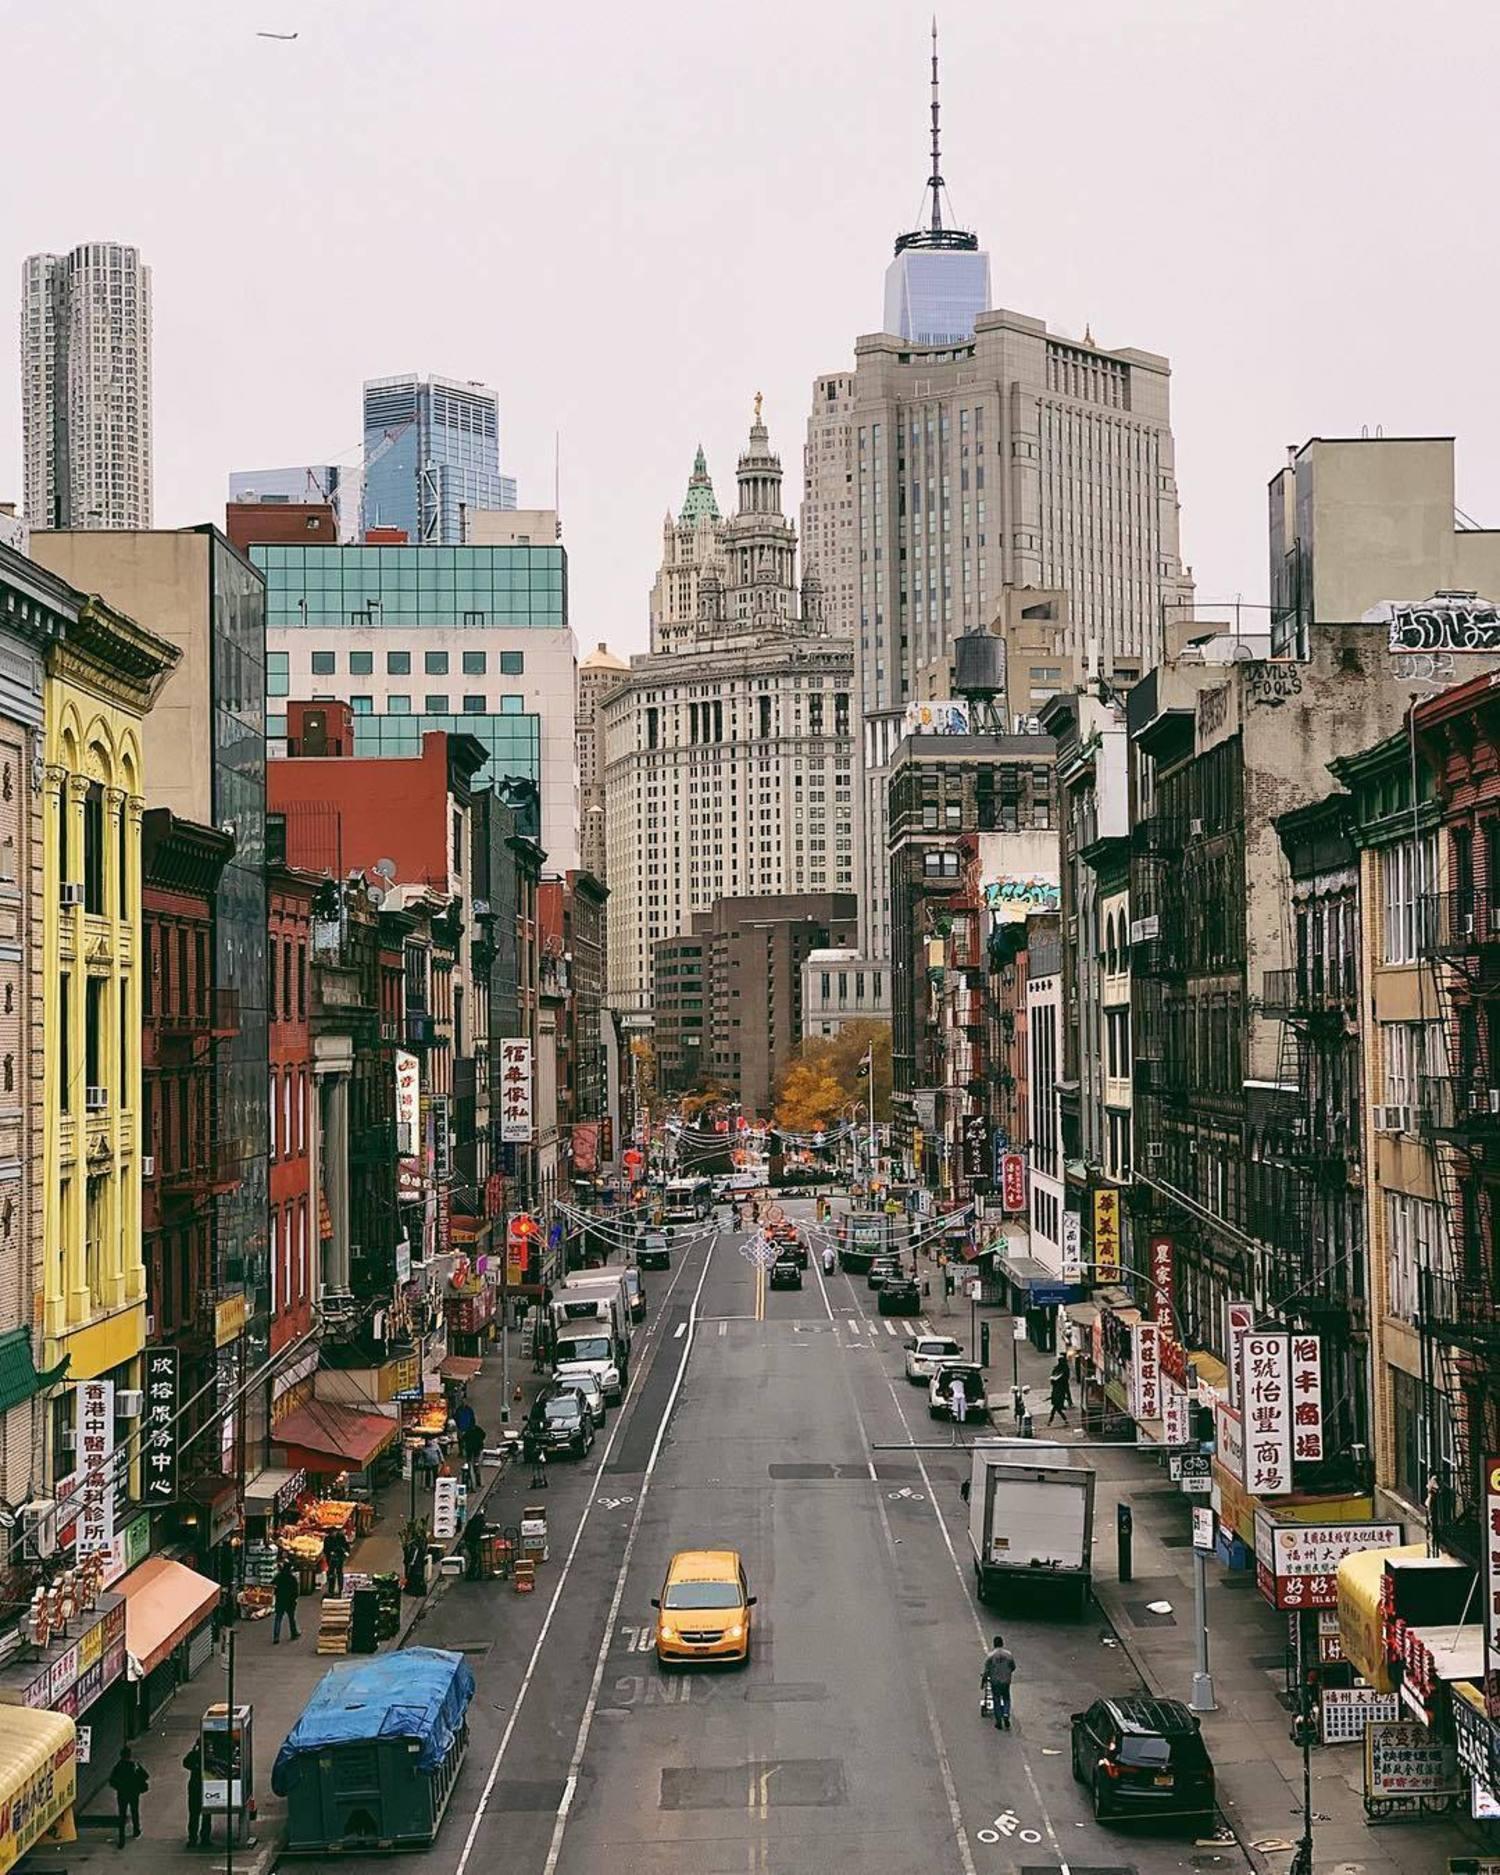 Chinatown, Manhattan. Photo via @iwyndt #viewingnyc #nyc #newyork #newyorkcity